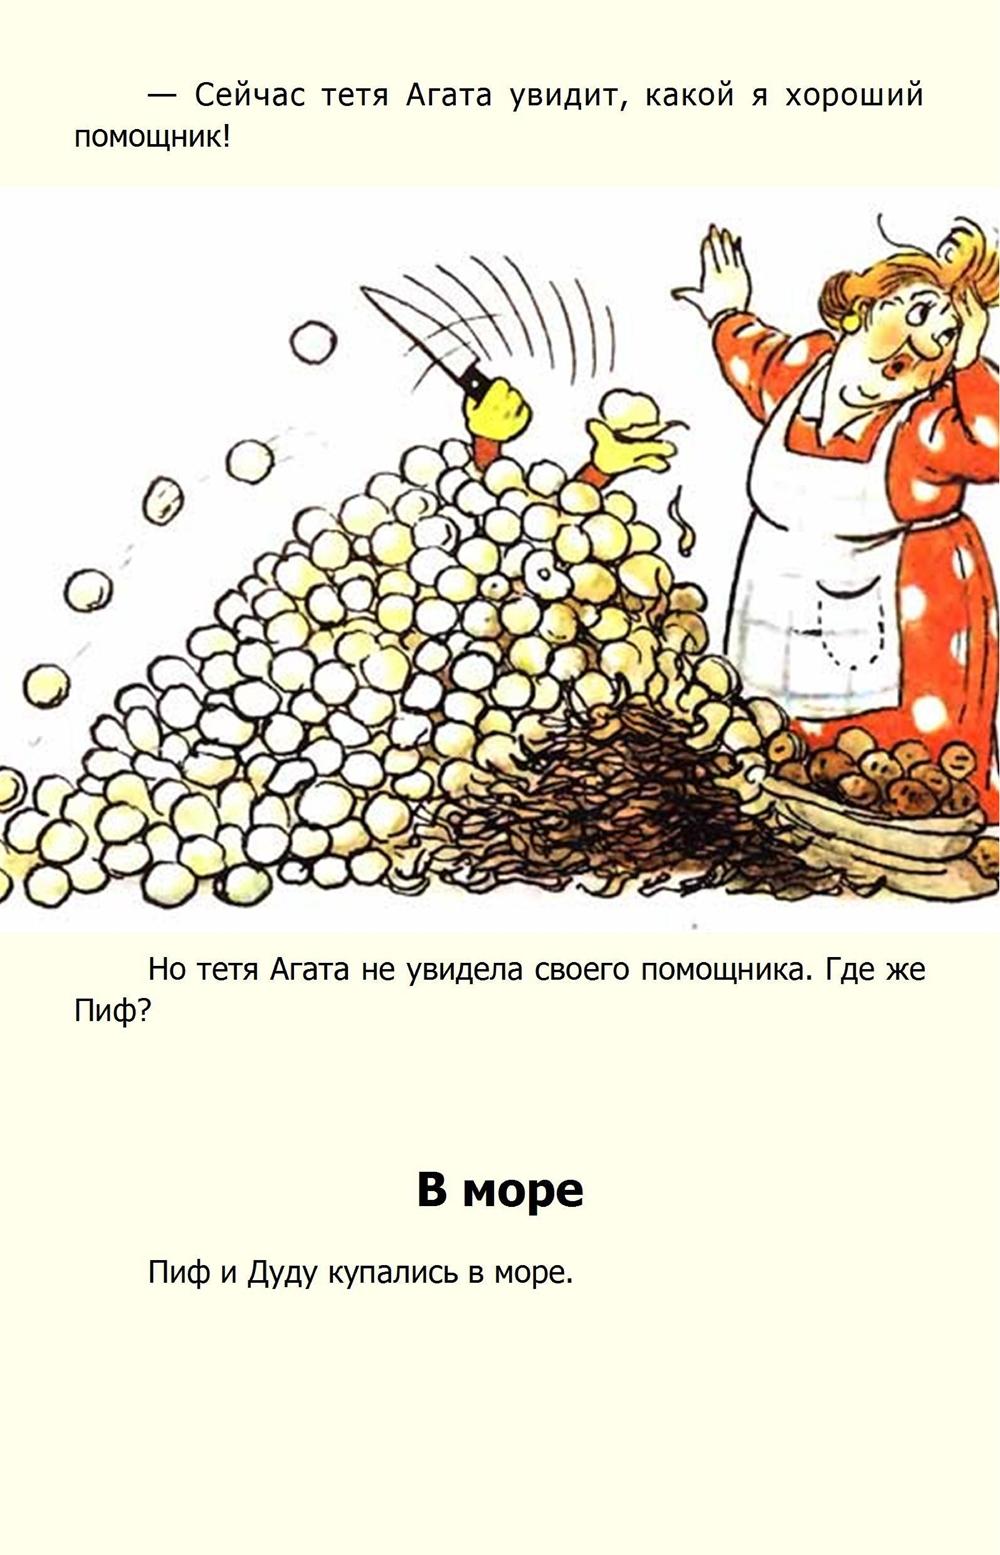 http://ipic.su/img/img7/fs/Pif_RG.1597060493.jpg